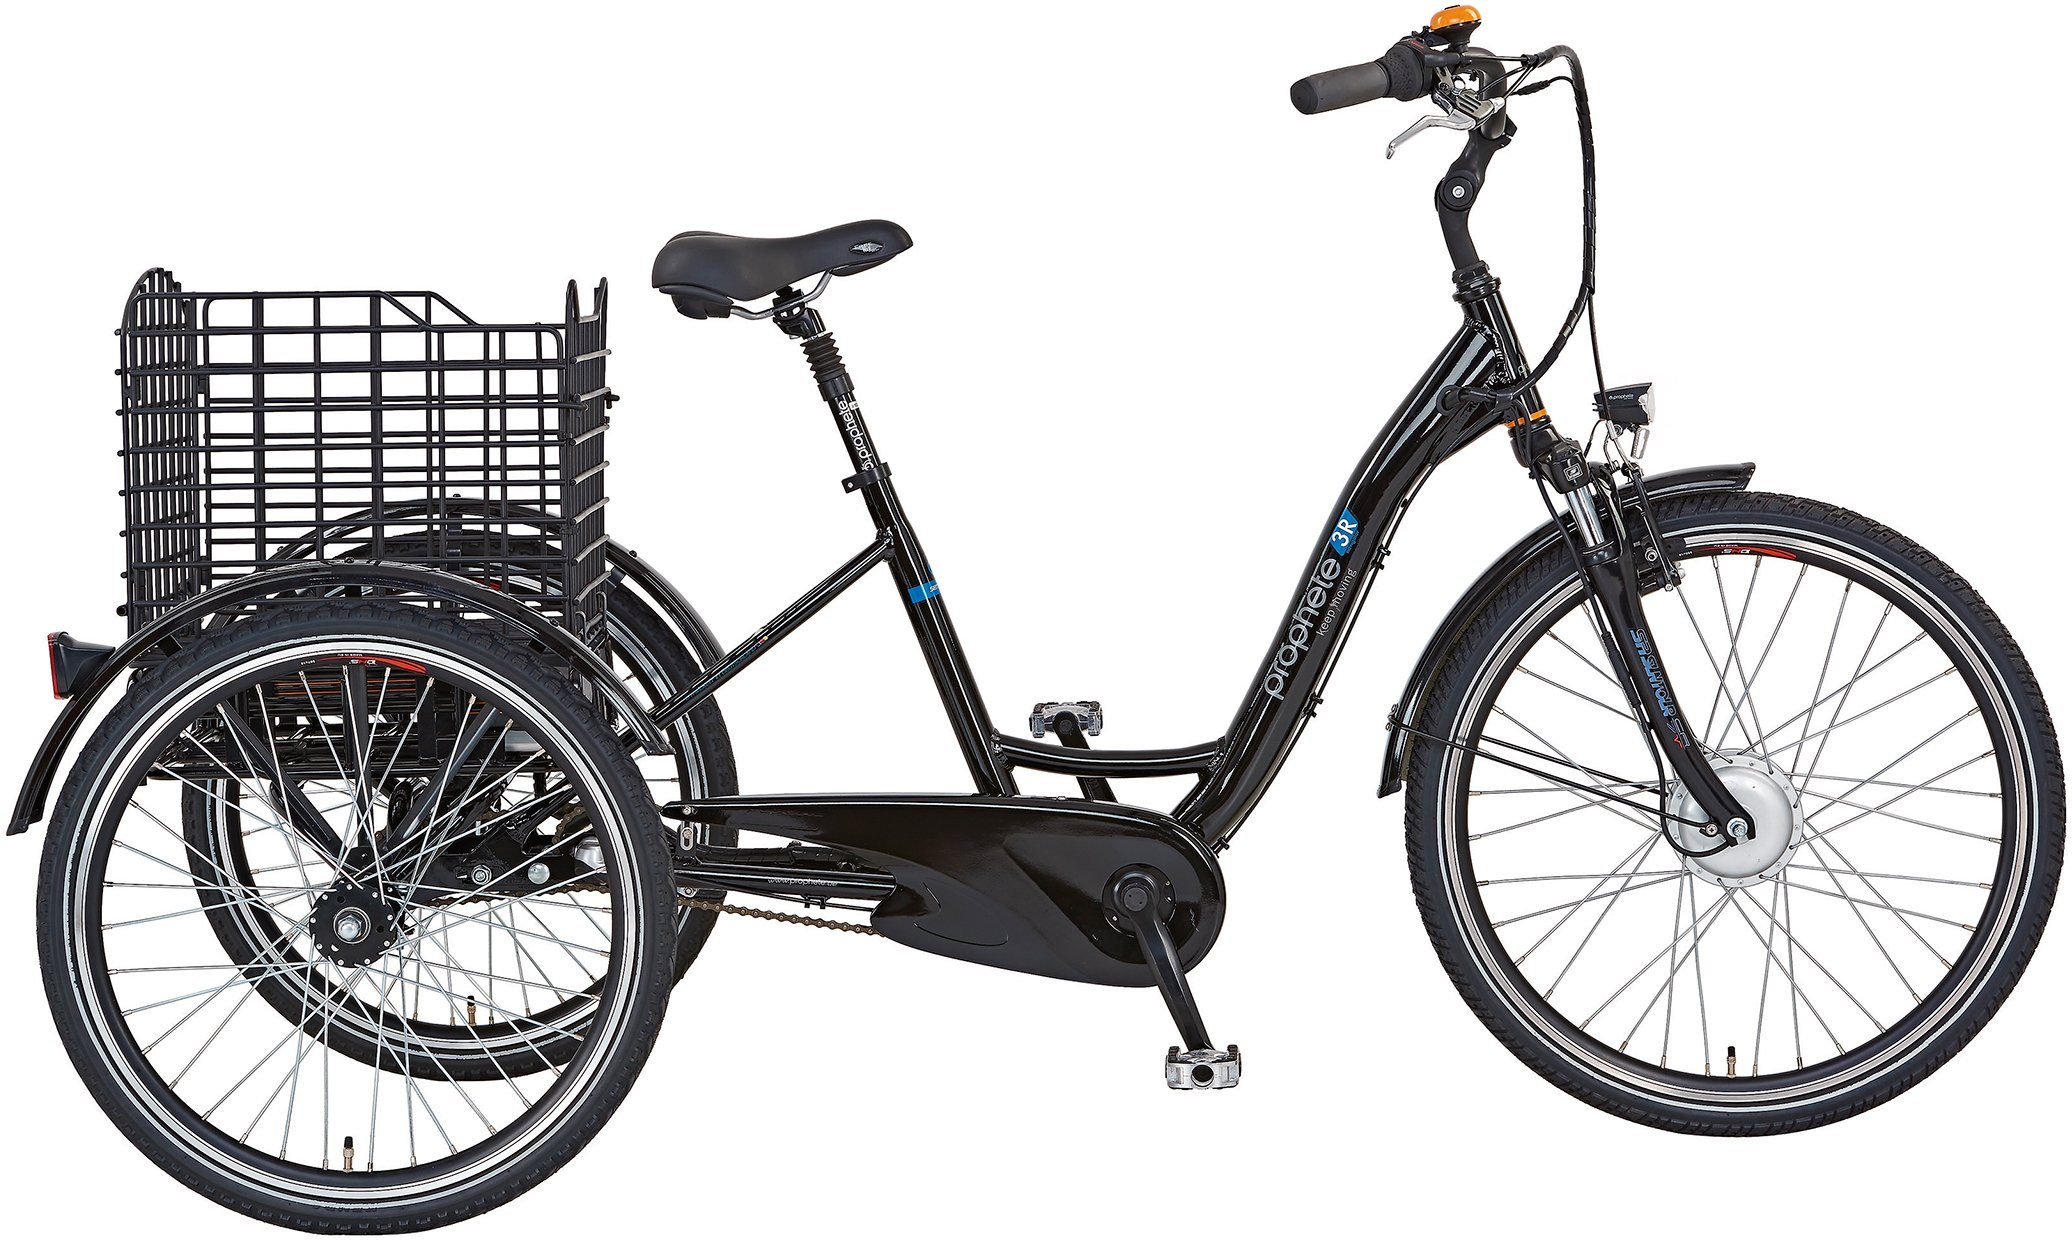 Prophete Dreirad E-Bike, 26 Zoll, 3 Gang Shimano, Vorderradmotor, 250 Watt, »Navigator R«